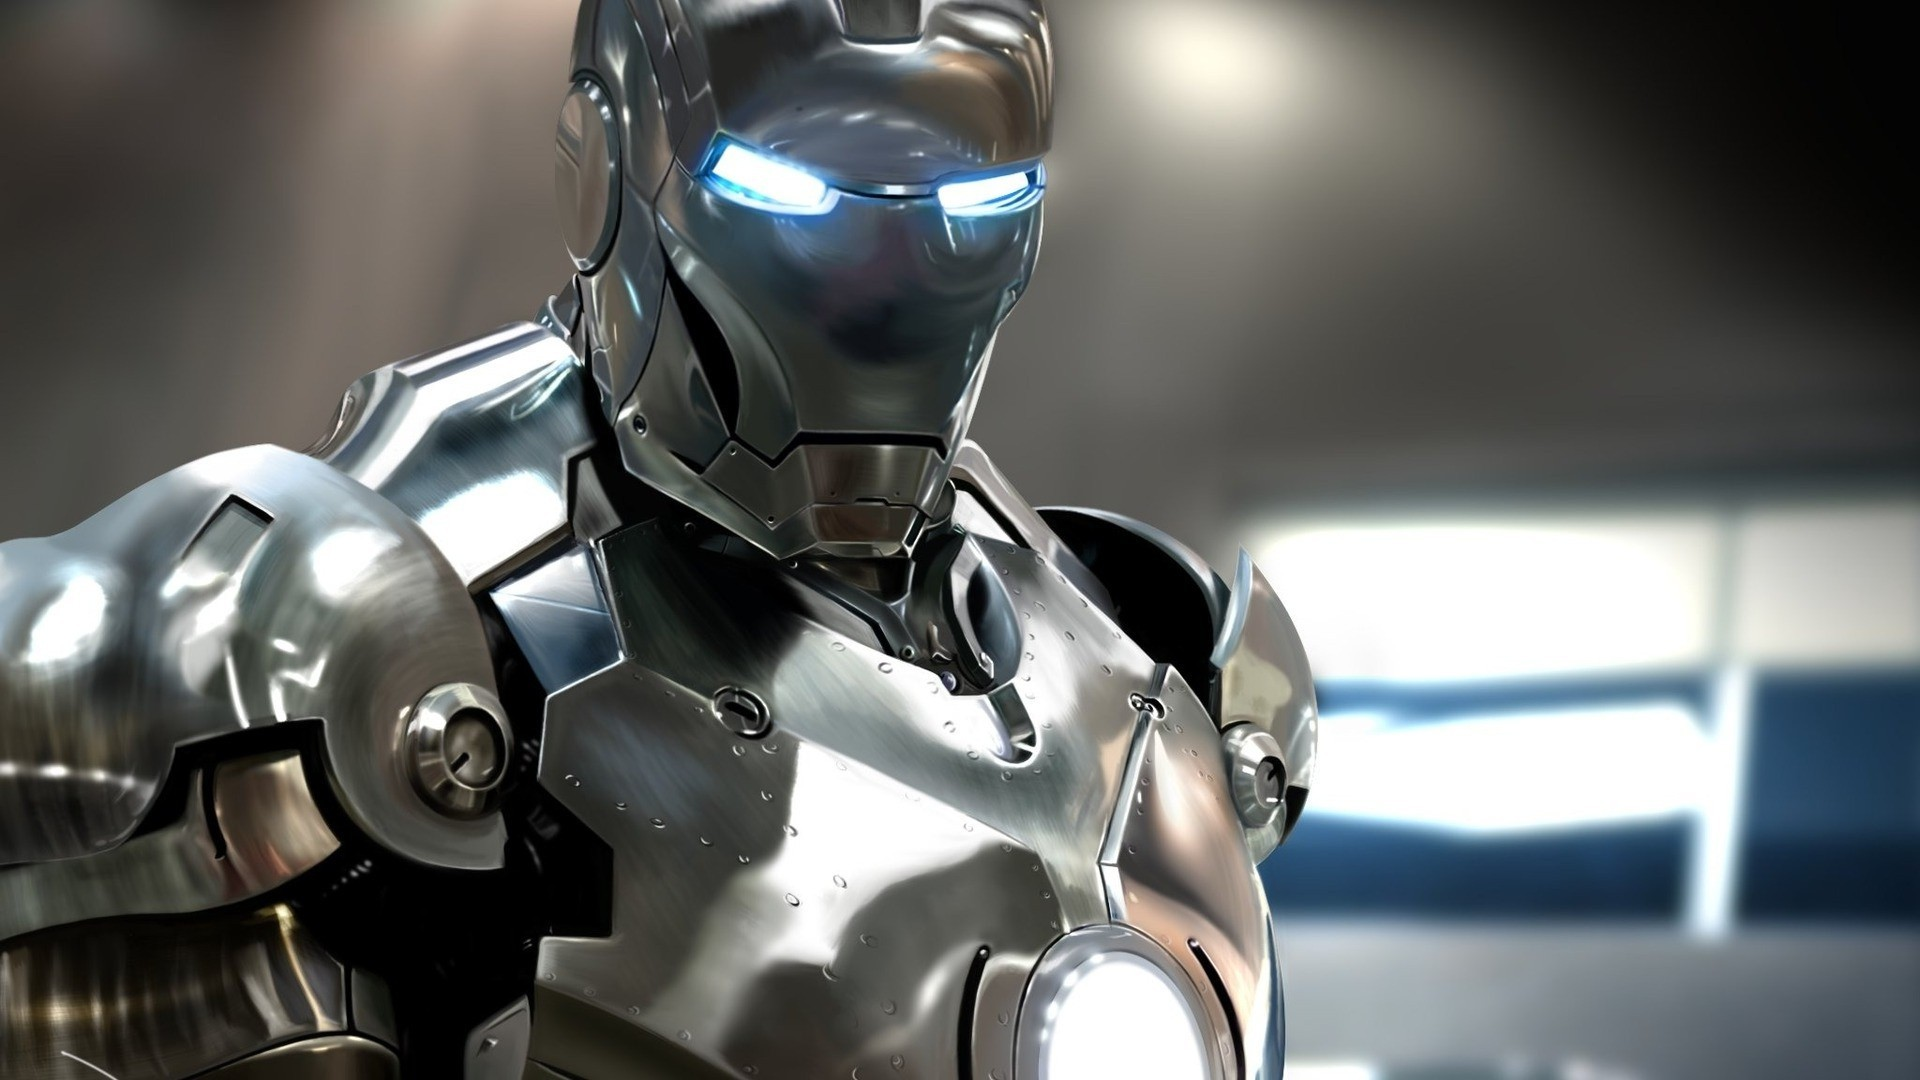 Iron man war machine wallpaper | Wallpaper Wide HD